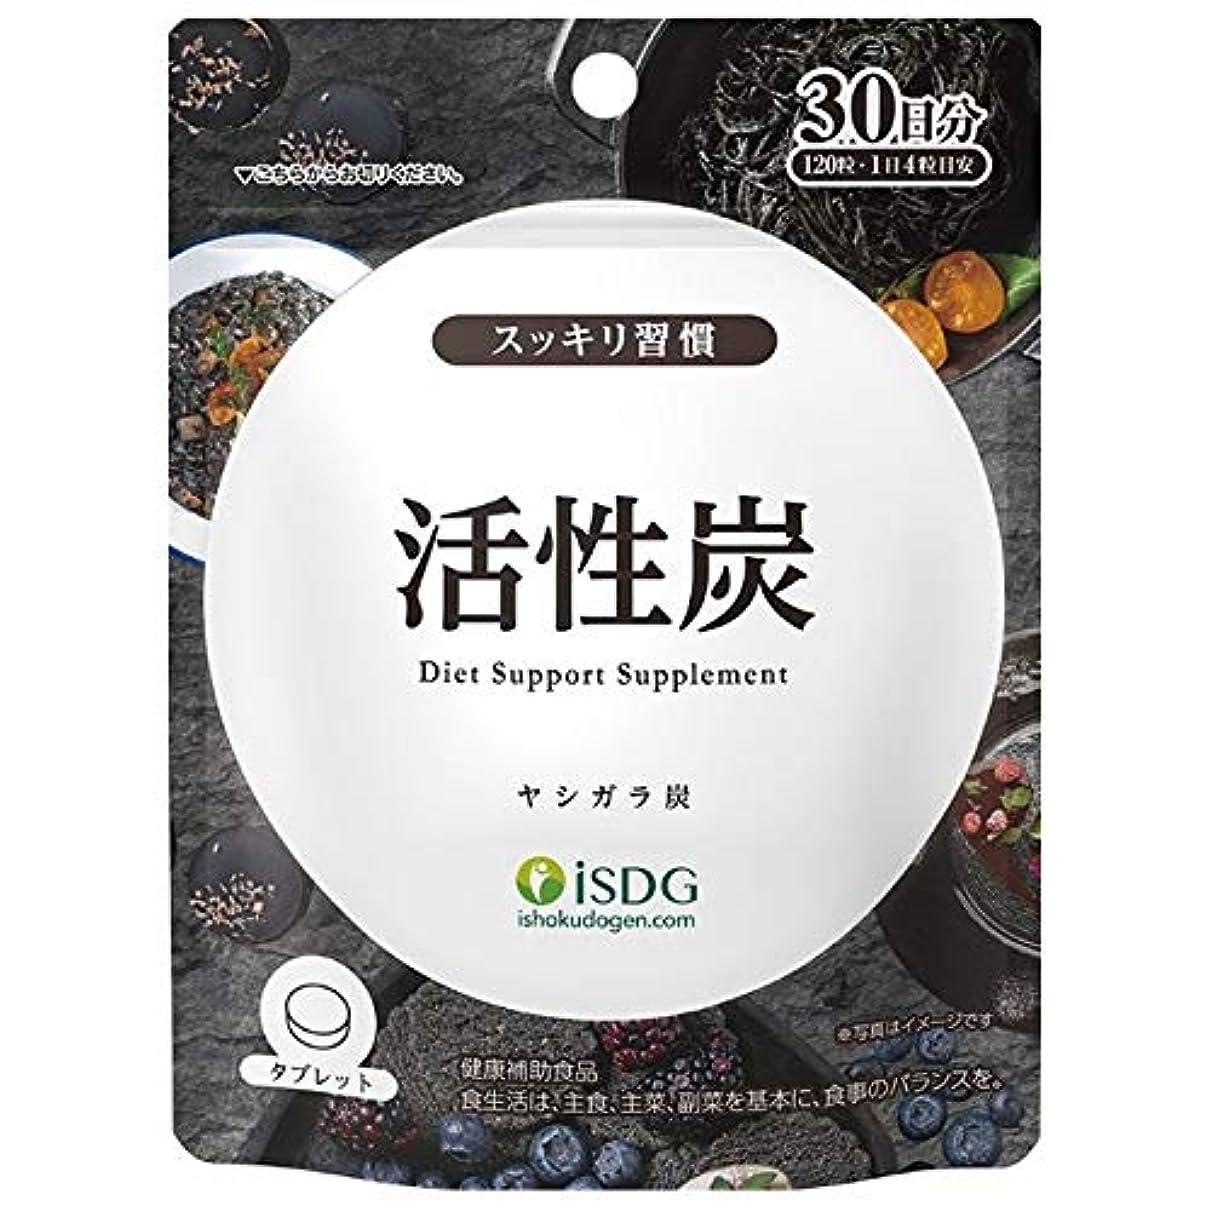 後継レビュー動物ISDG 医食同源ドットコム 活性炭 [ヤシガラ炭 400mg配合/4粒] 120粒 30日分